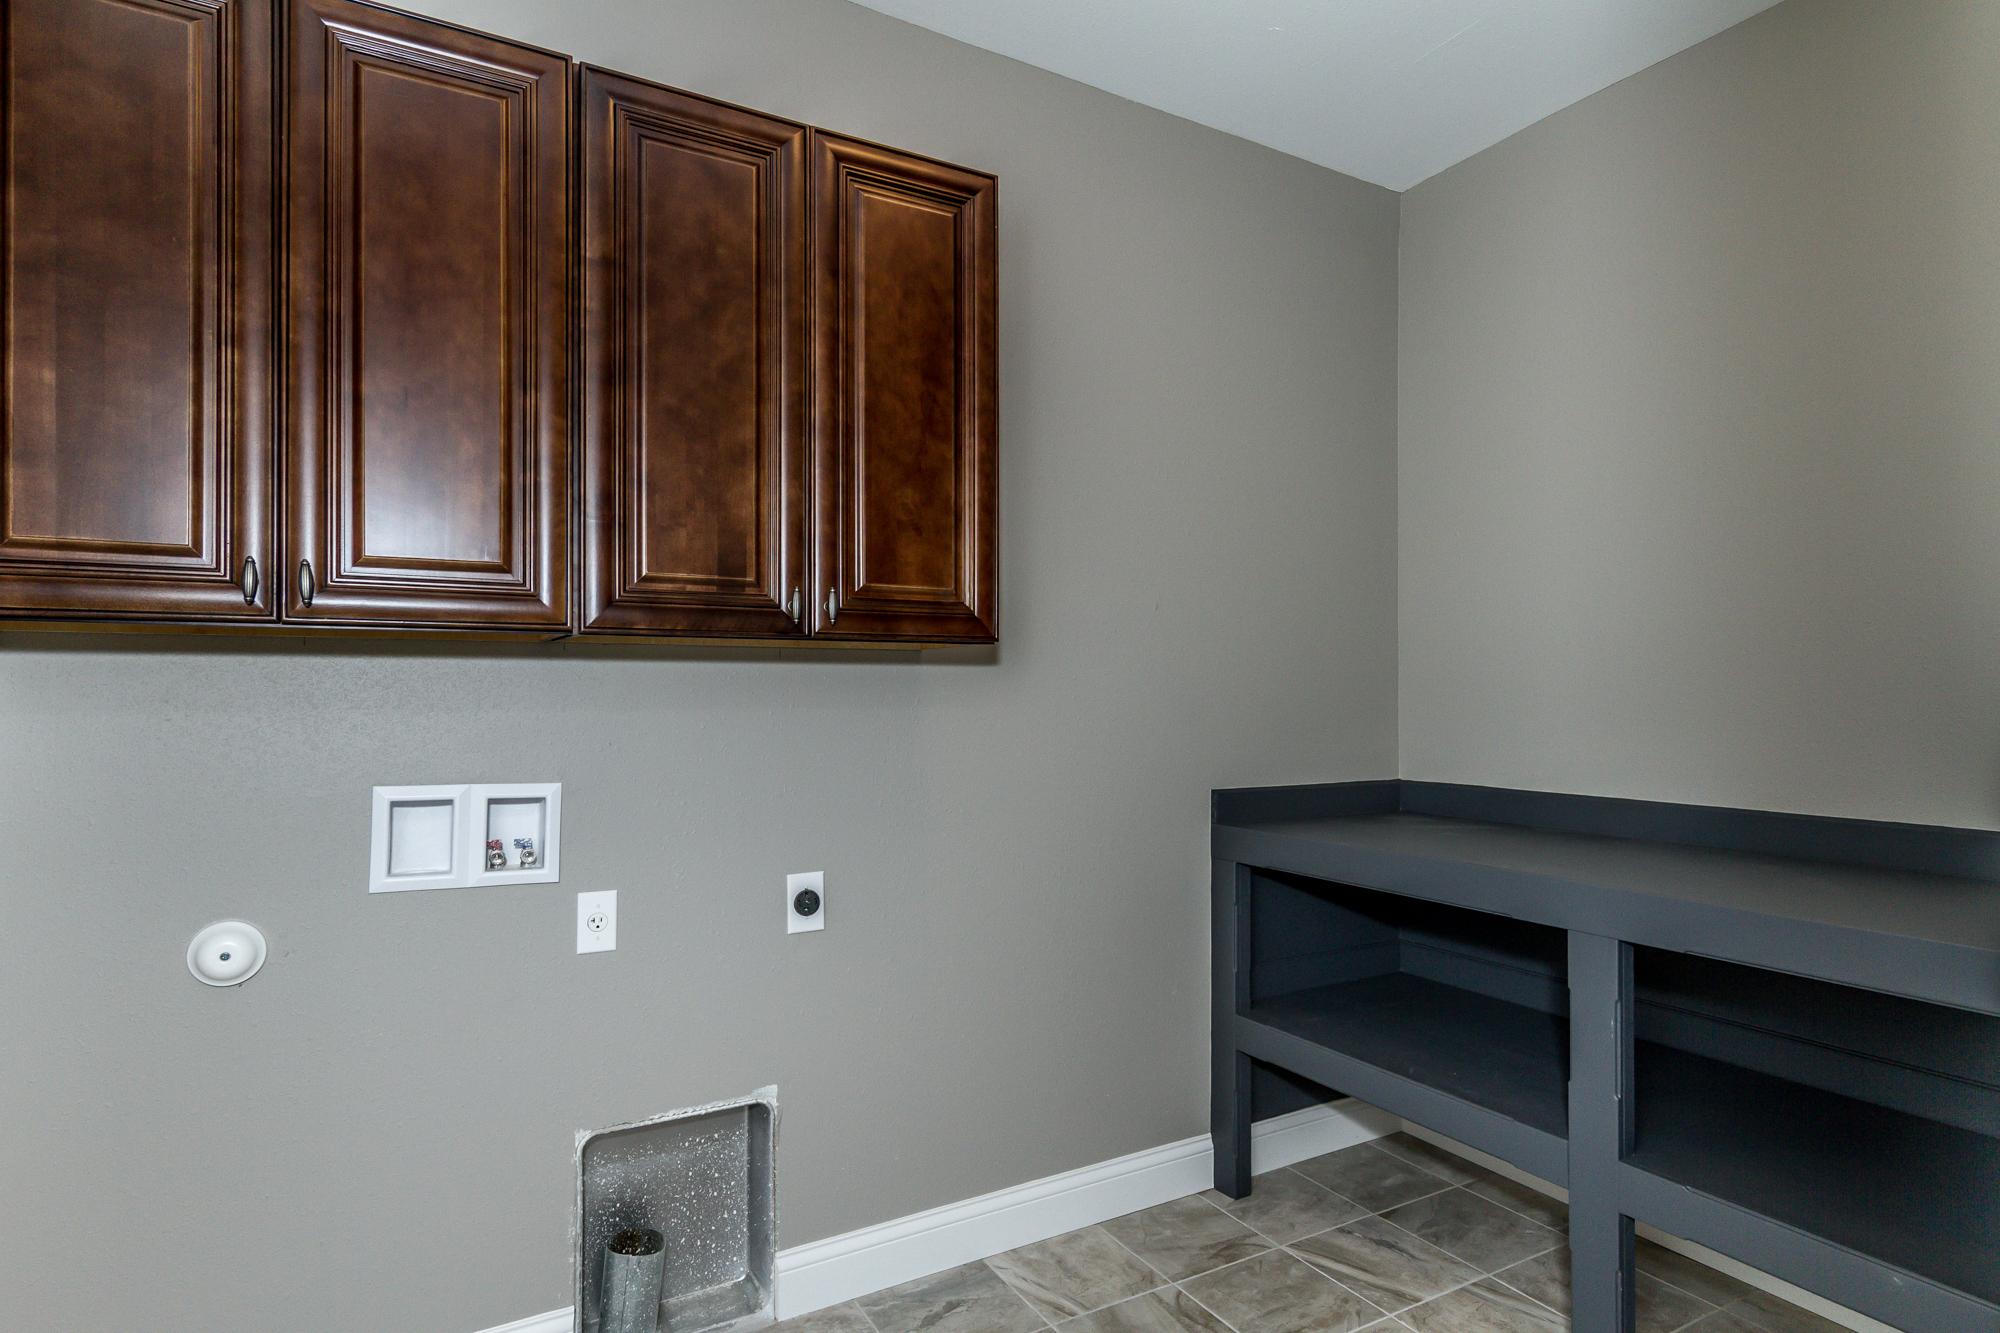 New-Construction-For-Sale-O'Fallon-Illinois-CR-Holland-1-3.jpg